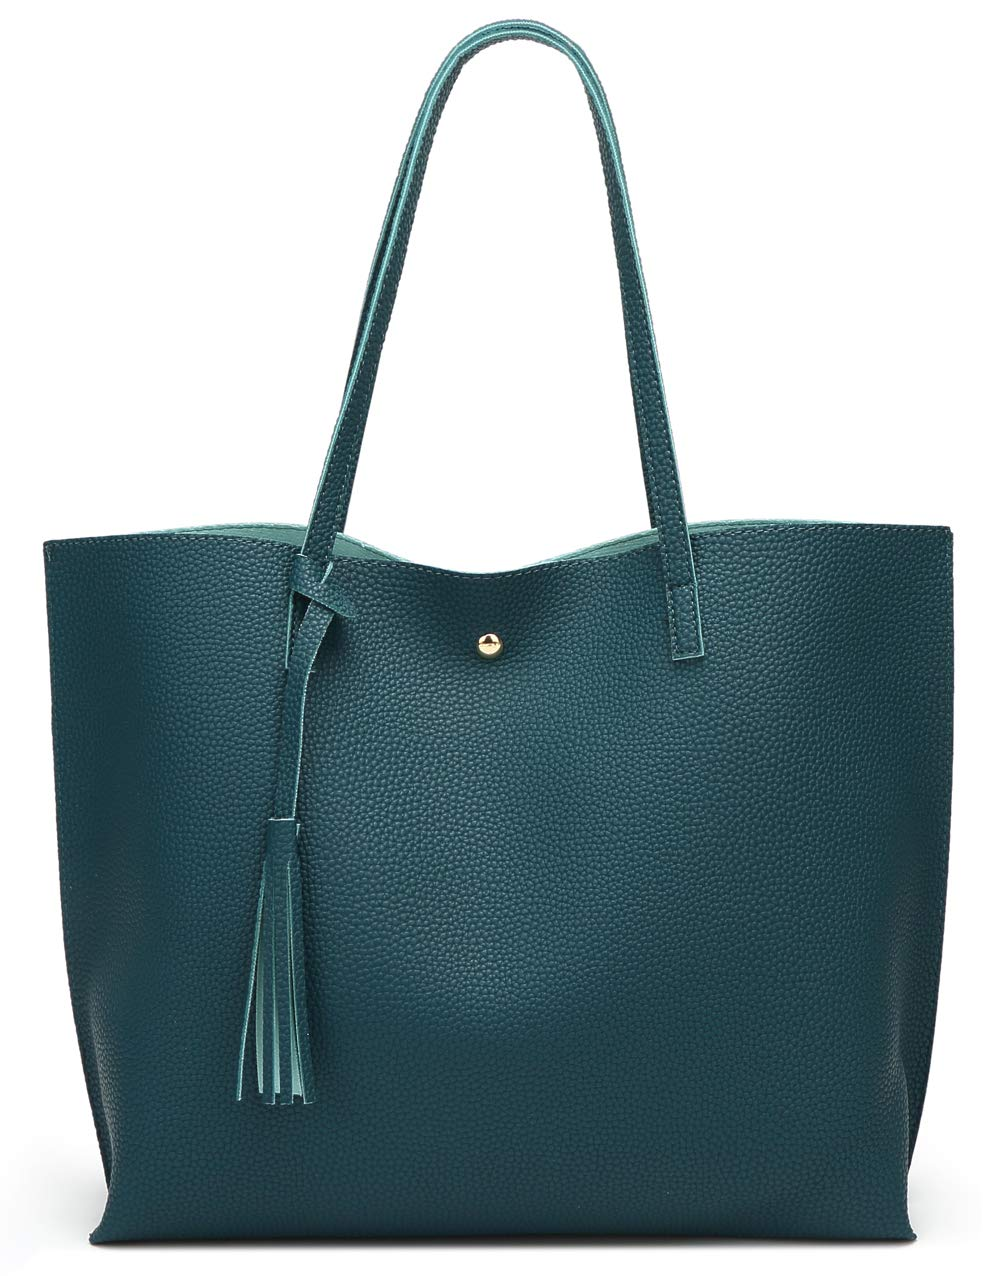 Women'S Soft Leather Tote Shoulder Bag From Dreubea, Big Capacity Tassel Handbag Dark Teal, LARGE by Dreubea